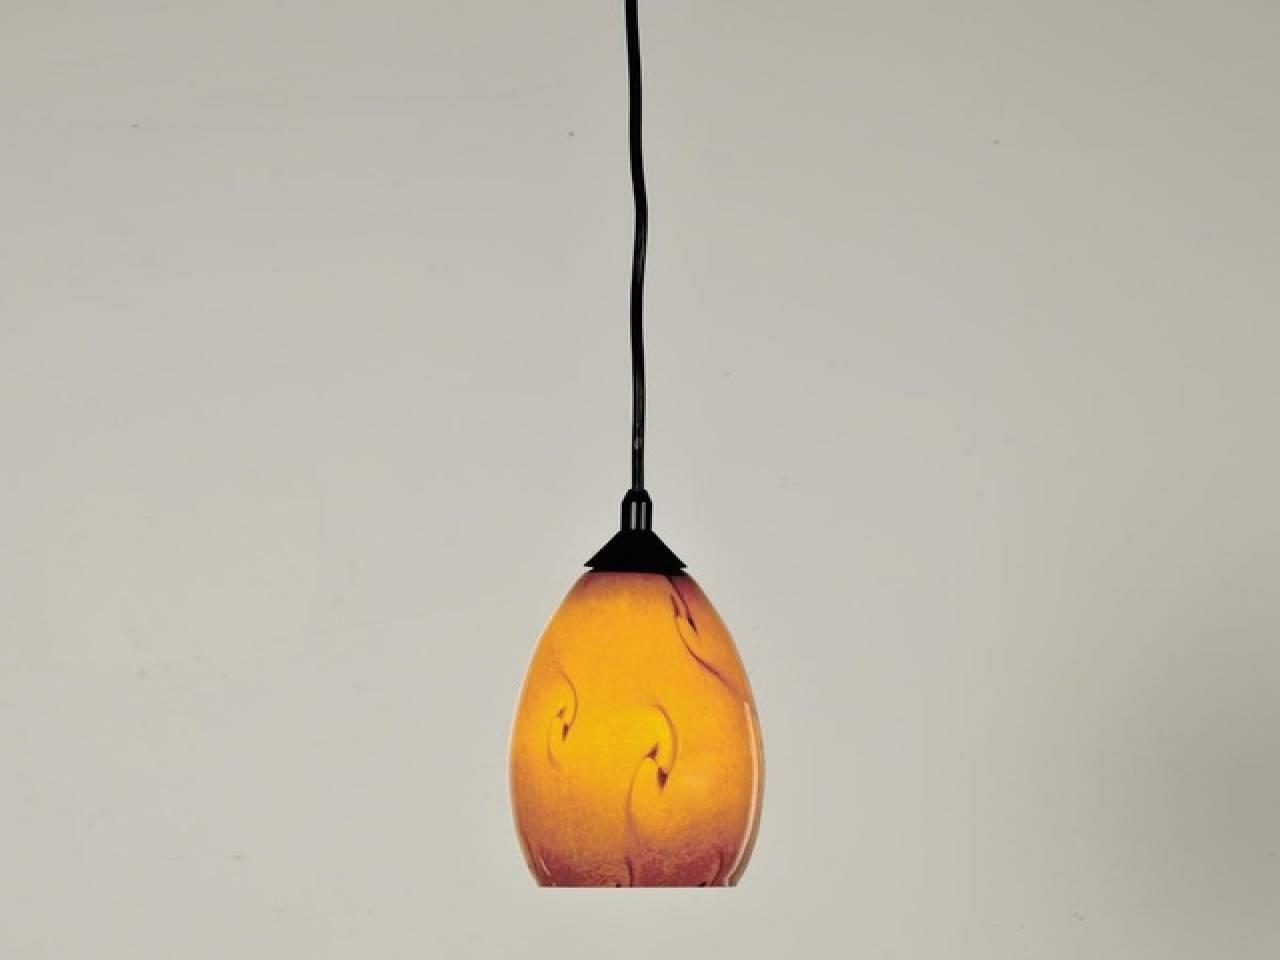 Astonishing Murano Glass Pendant Light 45 In Glass Pendant Lights Within Murano Glass Ceiling Lights (View 7 of 15)